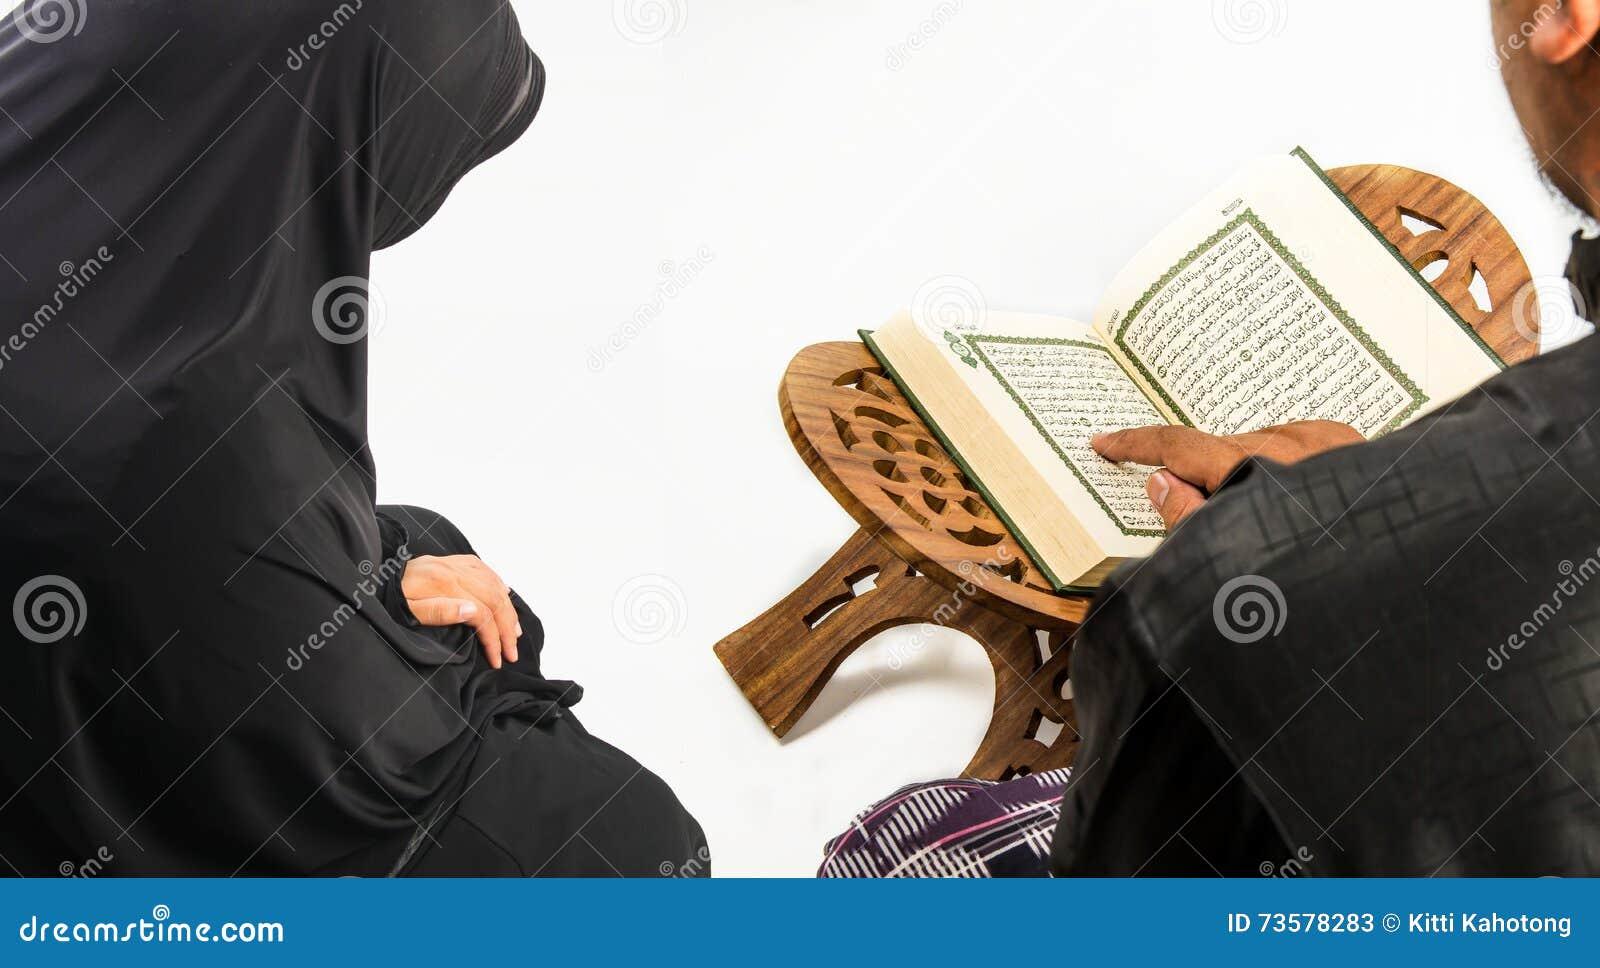 Livro sagrado do Alcorão à disposição - dos muçulmanos (artigo público de todos os muçulmanos